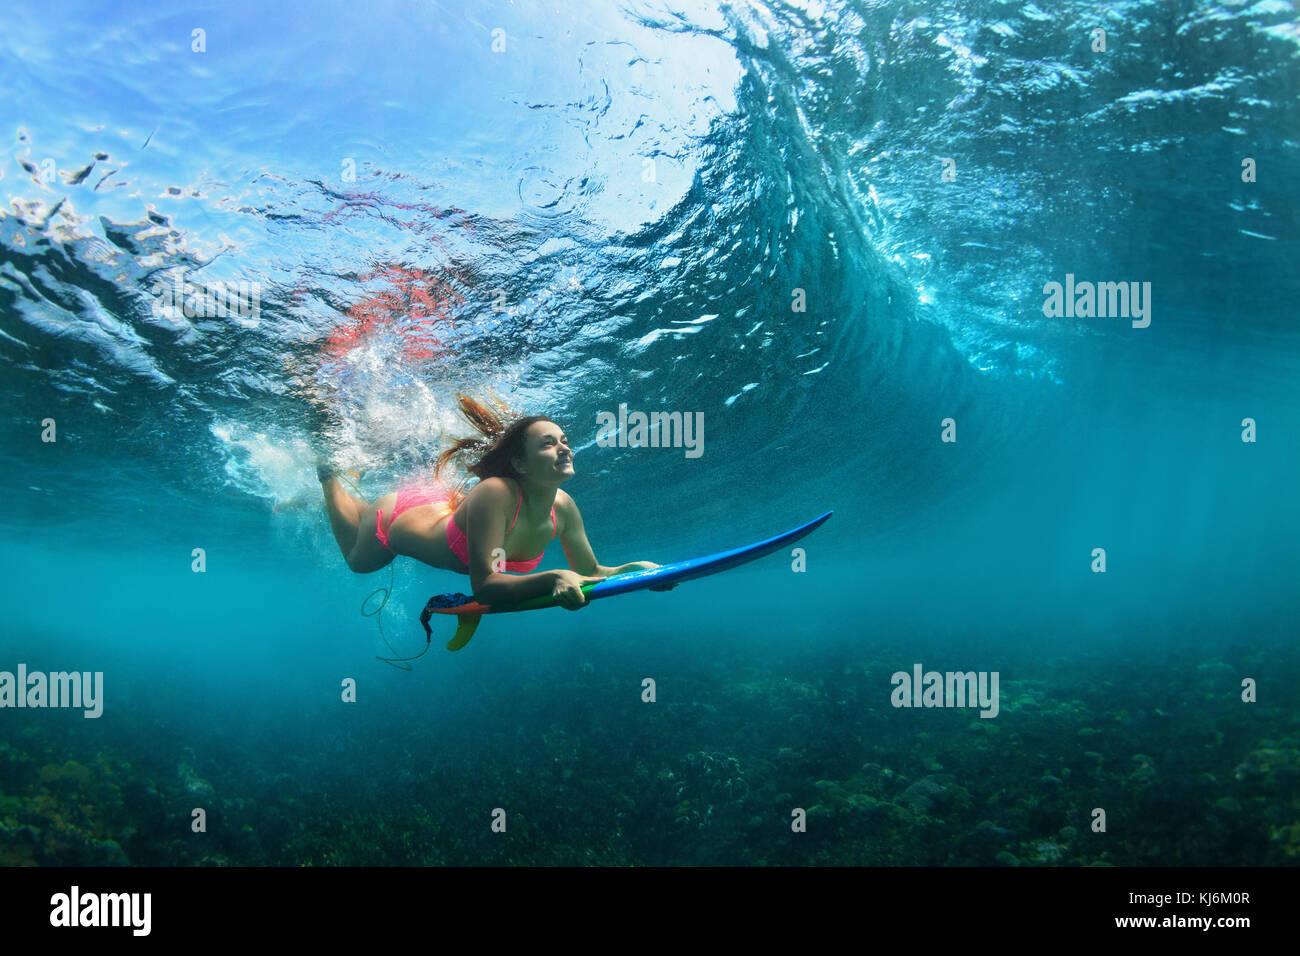 Aktive Mädchen im Bikini in Aktion. surfer Frau mit Surfbrett Tauchen Unterwasser unter brechen Big Wave. teenage Stockbild